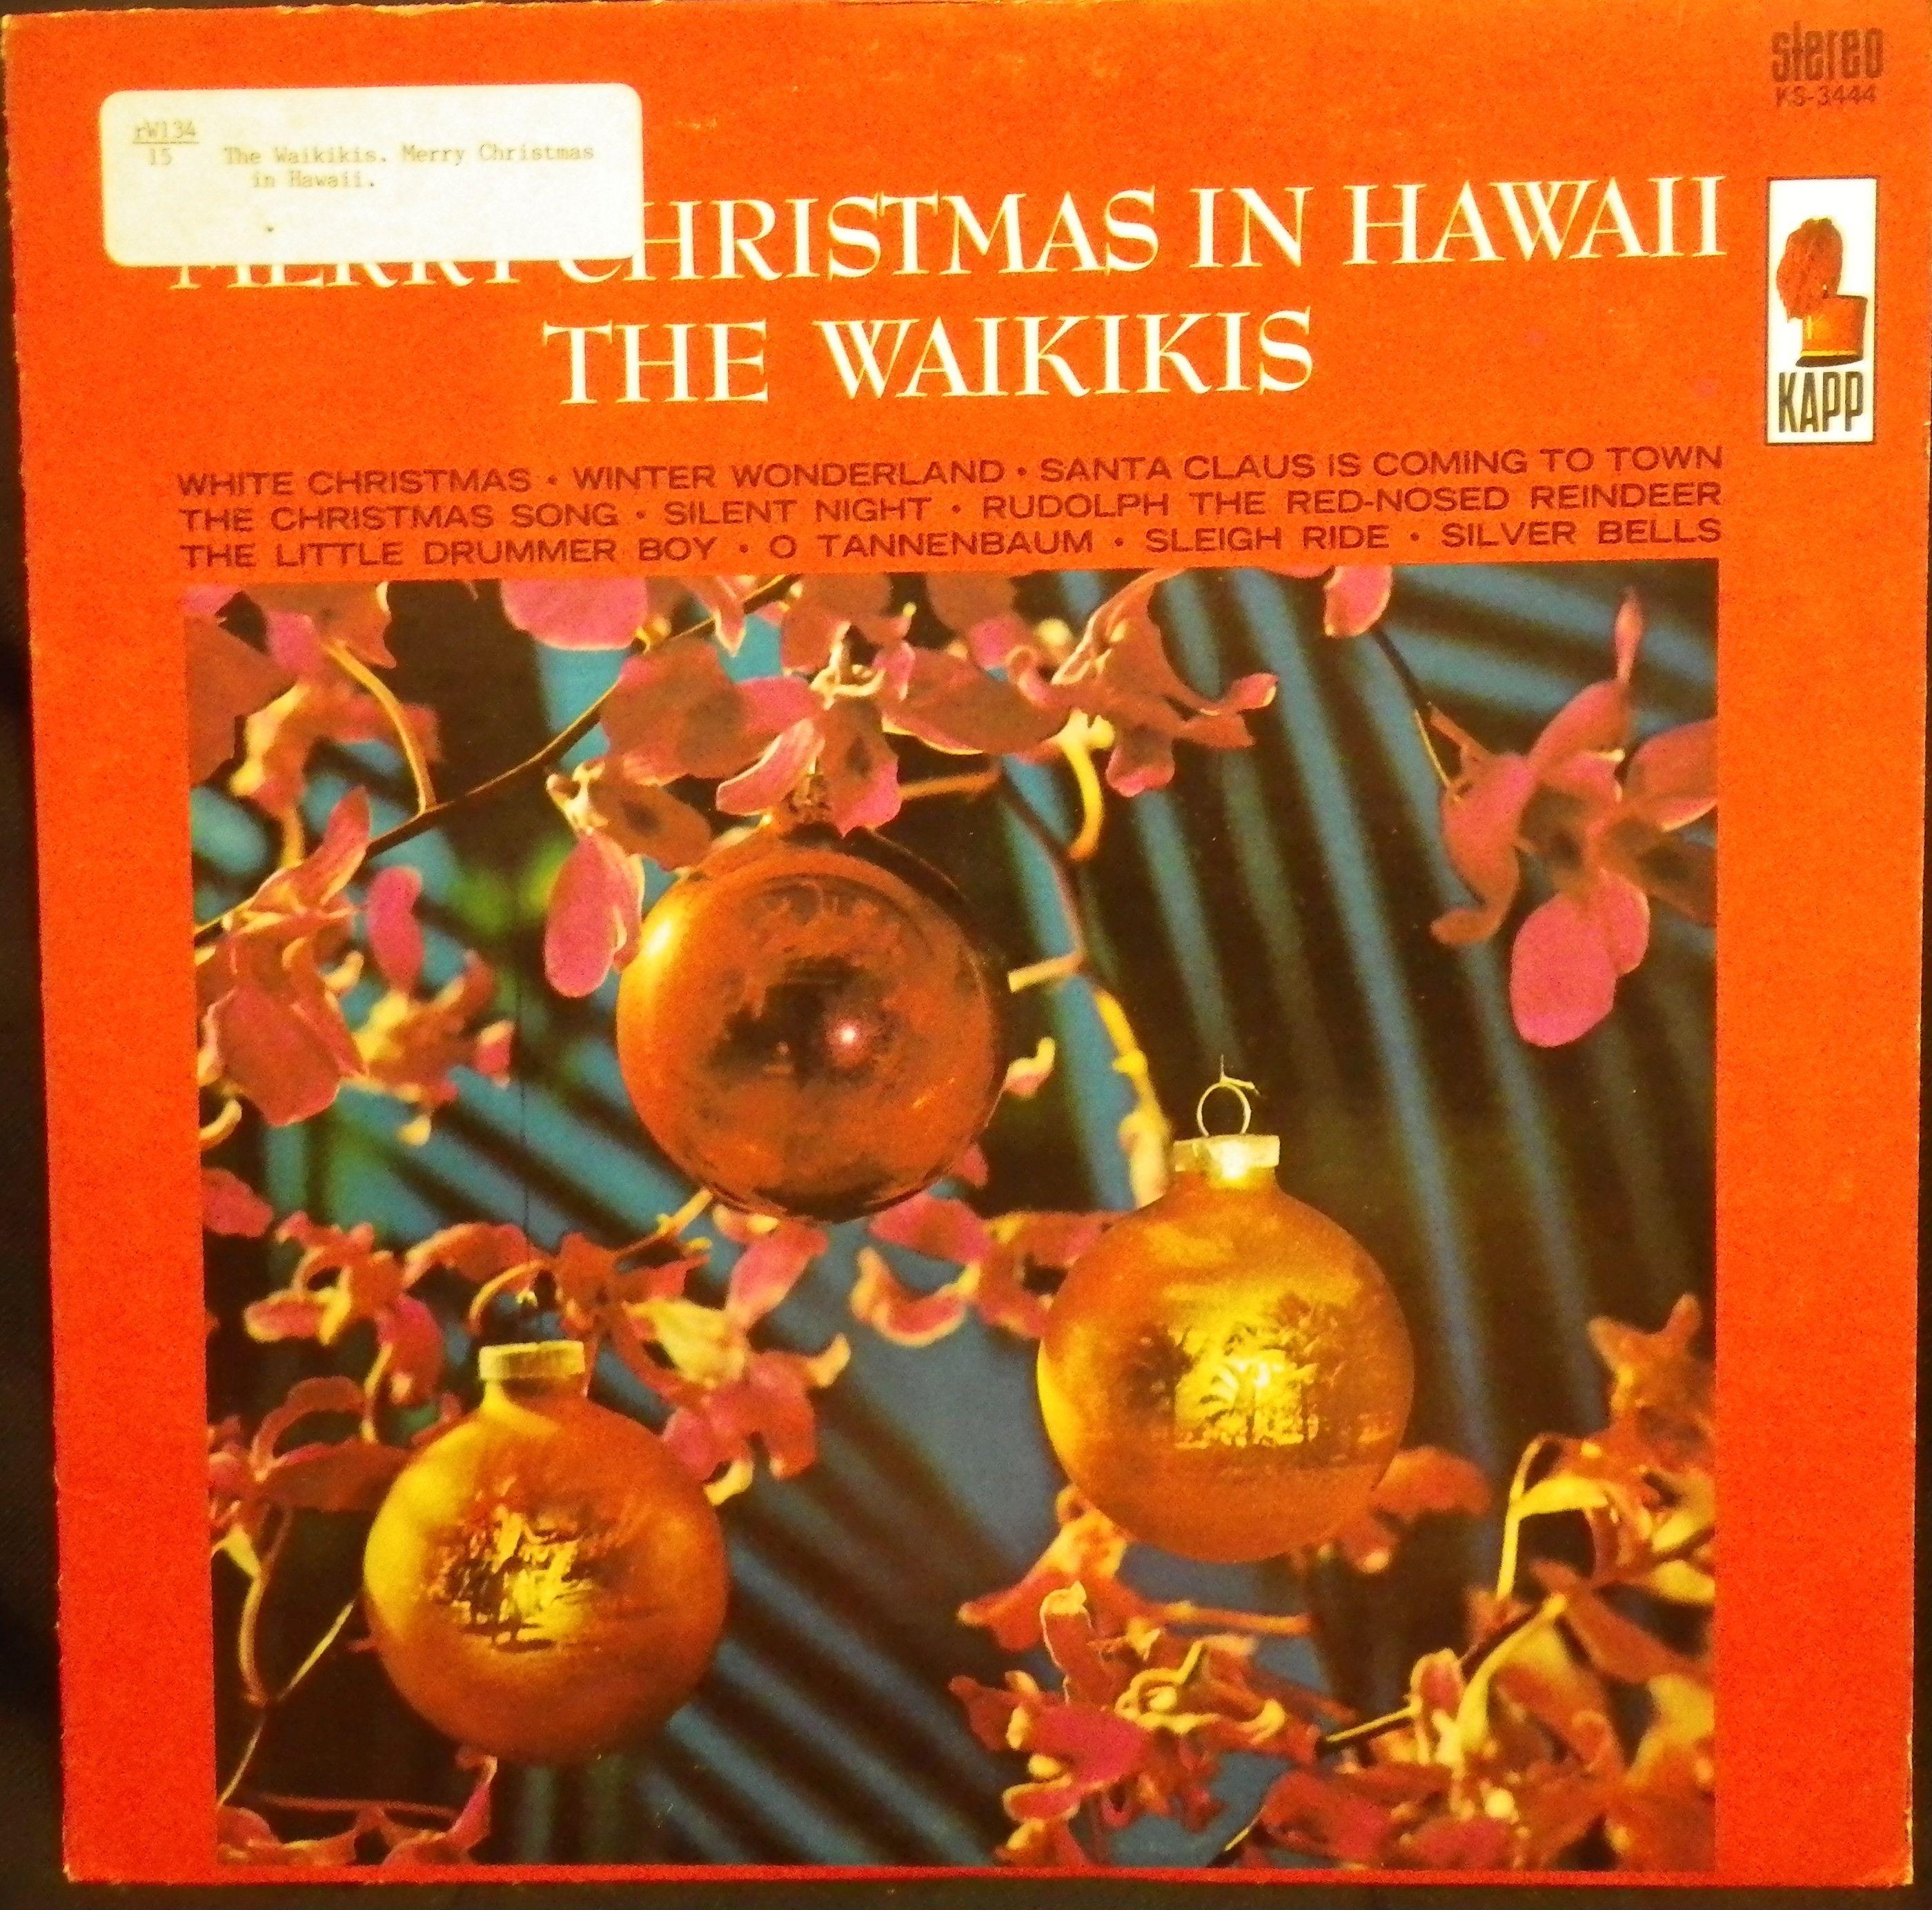 Merry Christmas in Hawaii [by] Waikikis. -New York, N.Y., Kapp KS ...